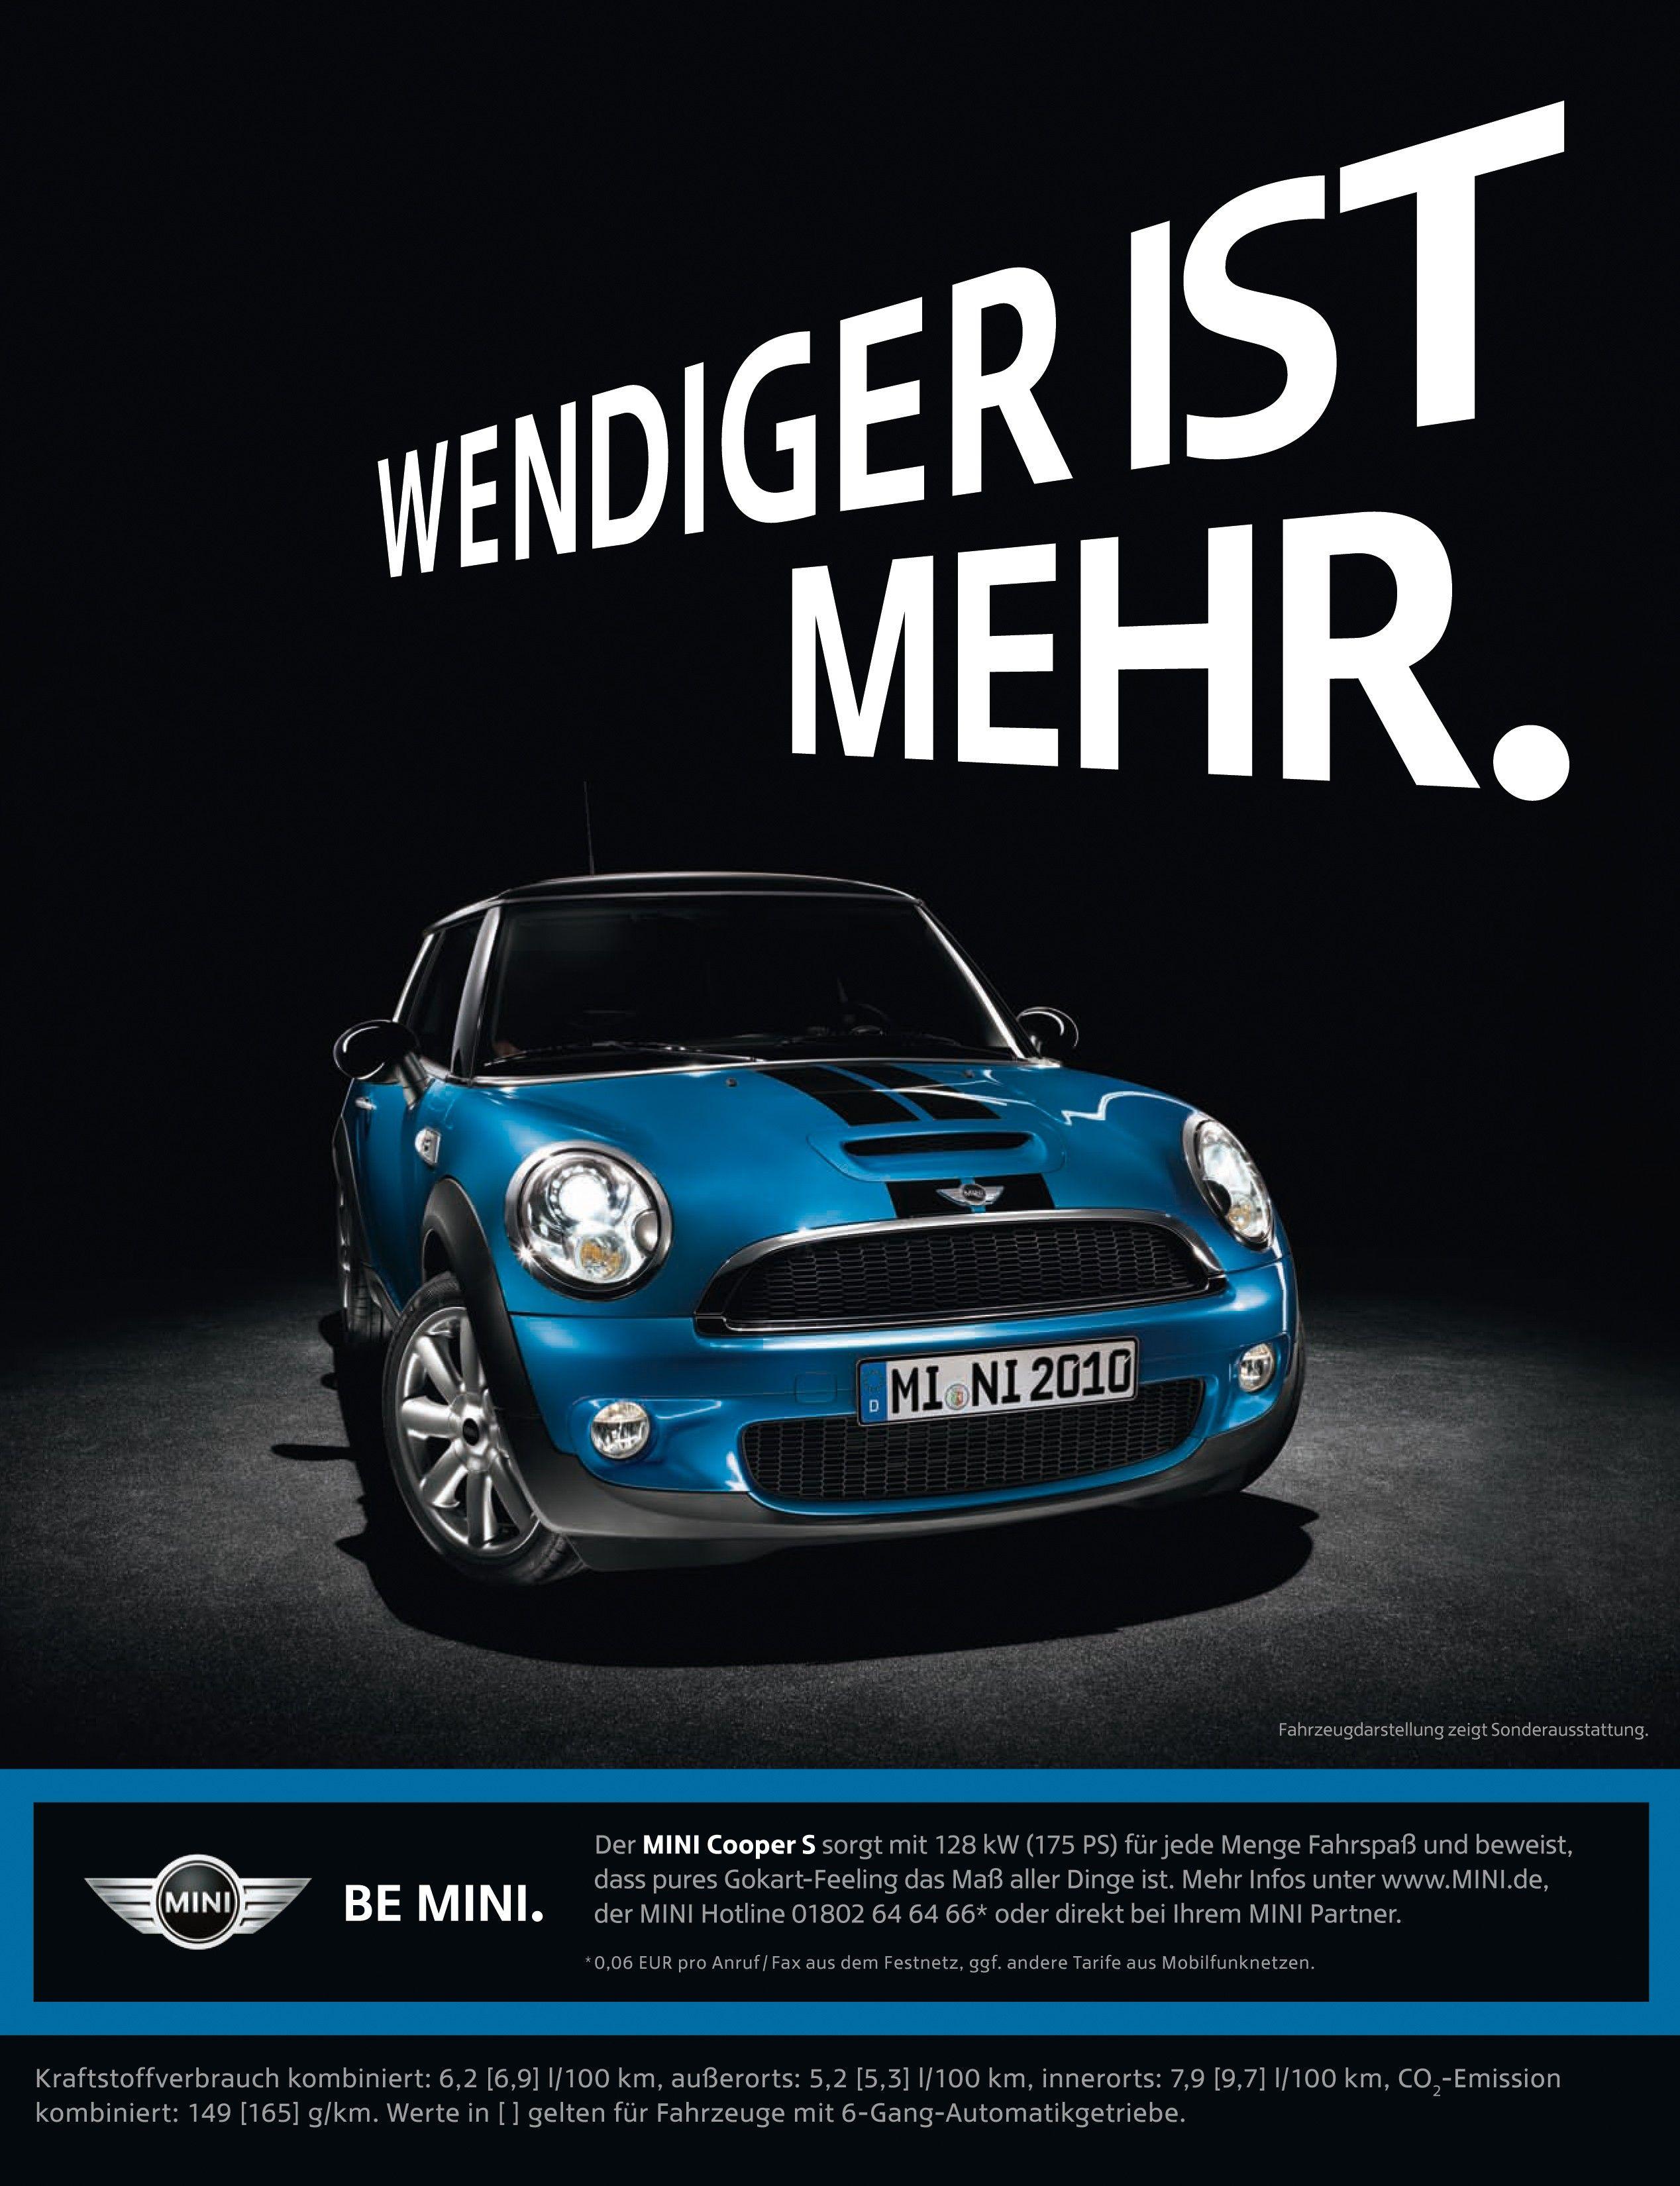 Mini Cooper Weniger Ist Mehr Ad 25363300 Graphicgenius